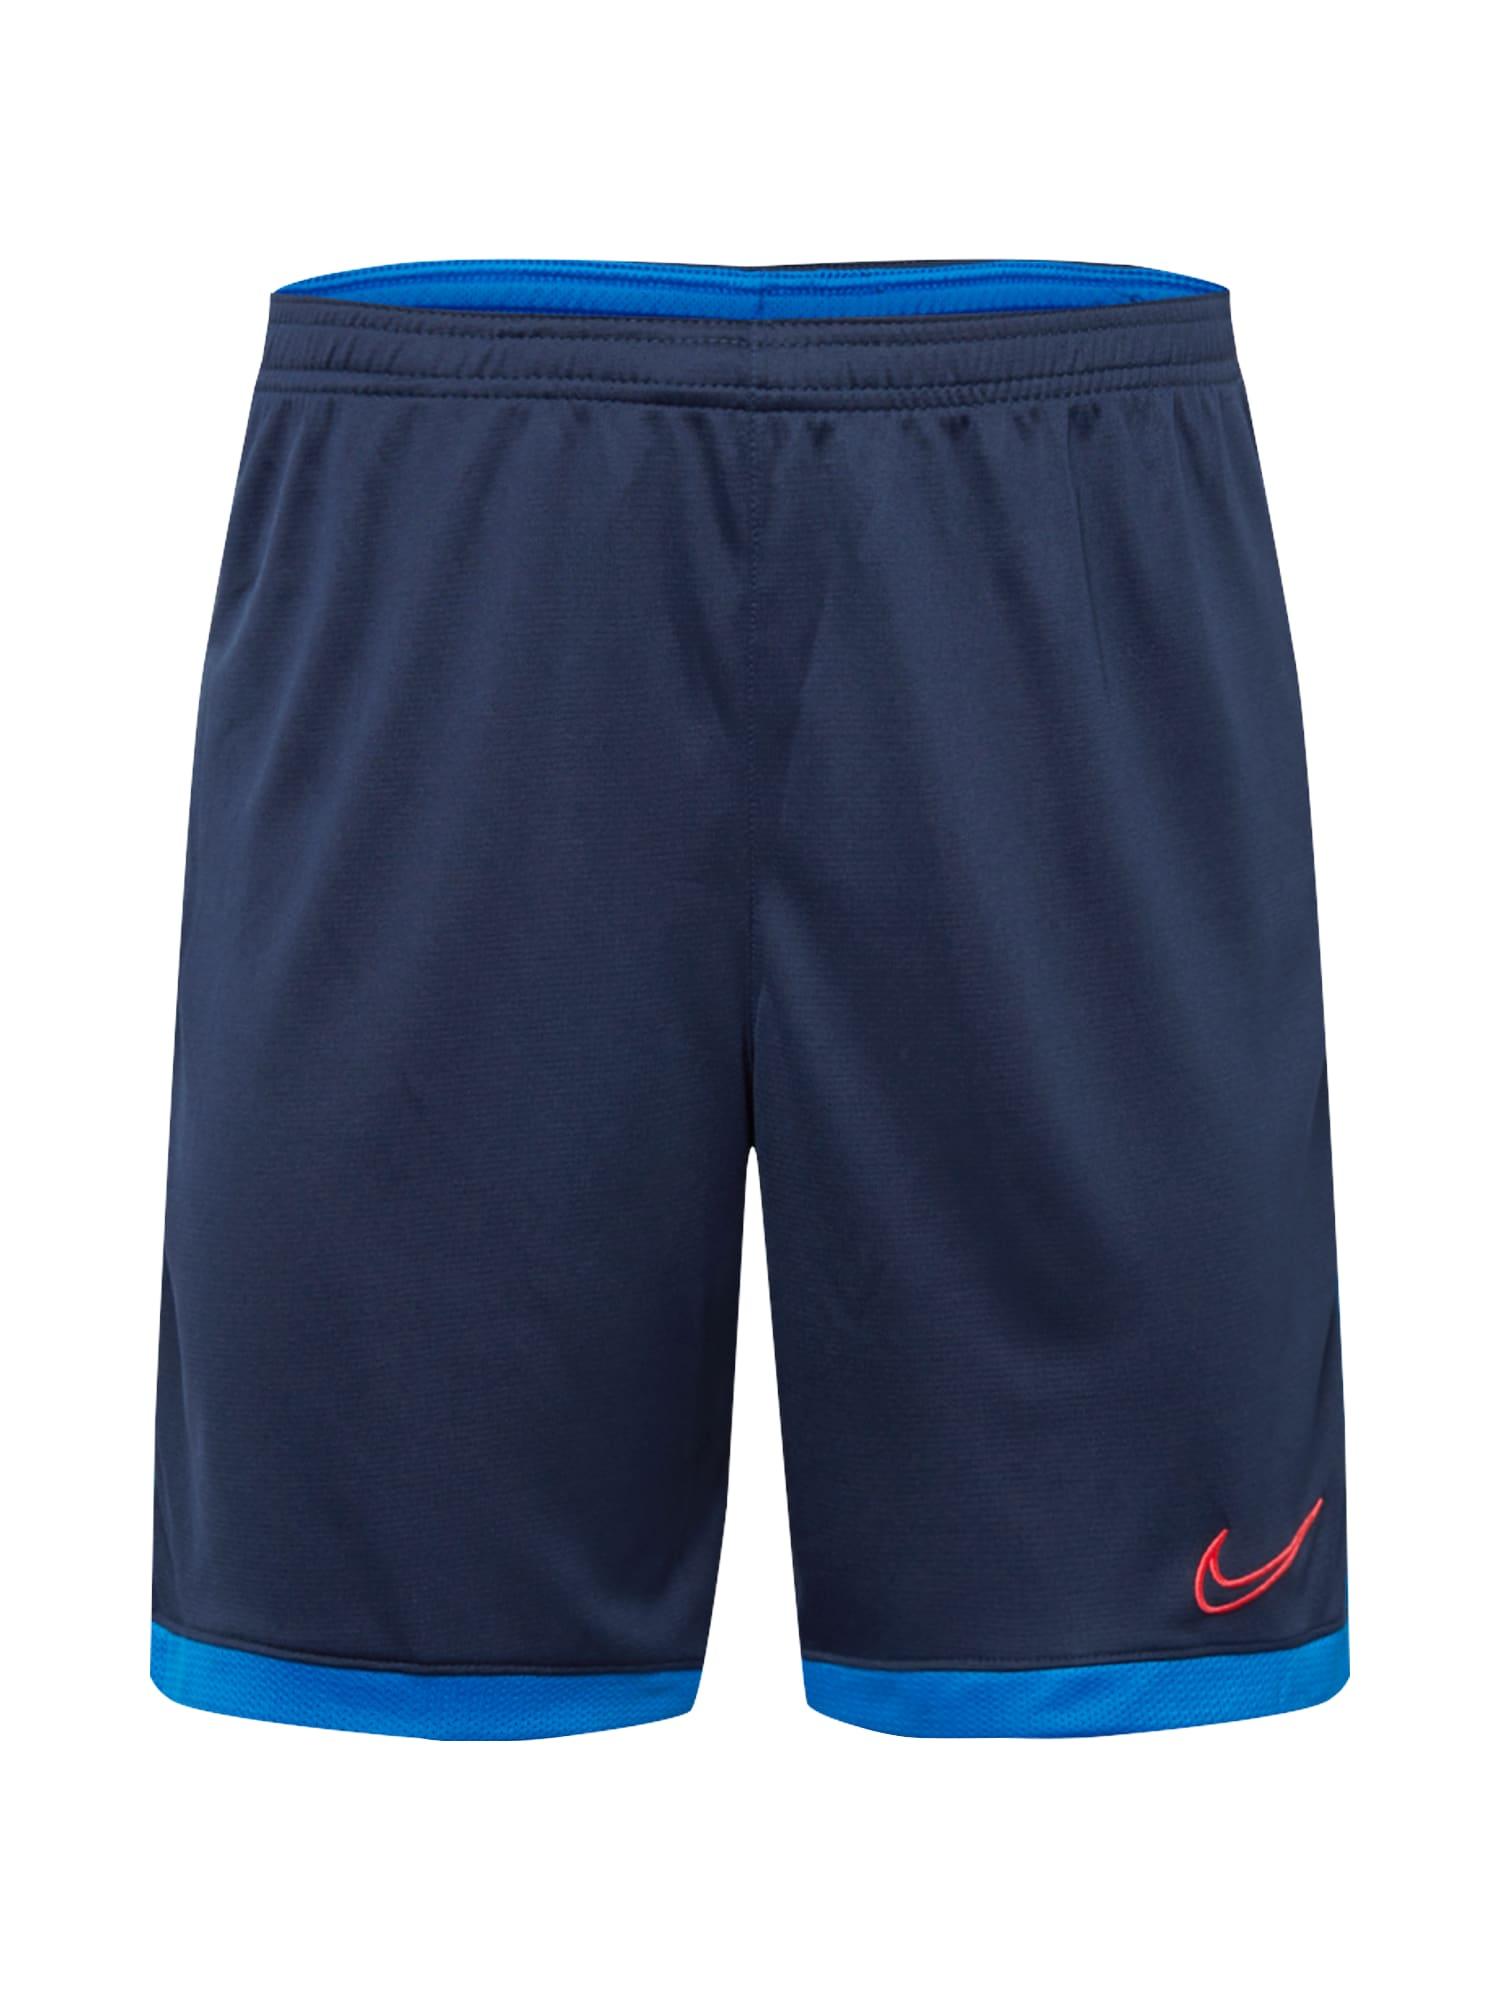 NIKE Sportovní kalhoty 'Academy'  červená / námořnická modř / nebeská modř